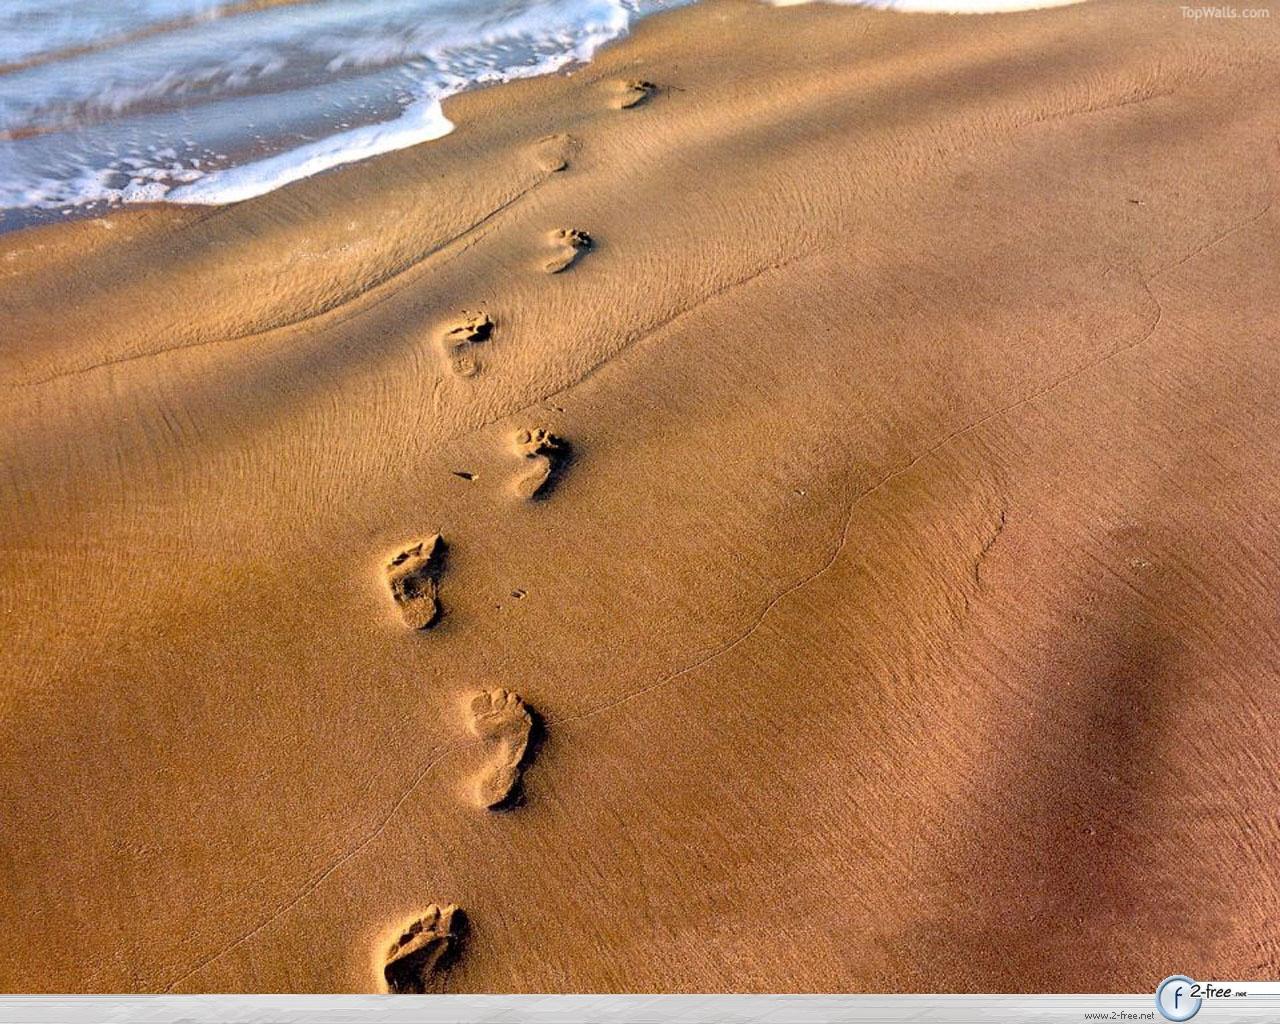 http://1.bp.blogspot.com/_p5YxXqqs_UU/S9g8xtiyyUI/AAAAAAAABA8/wezqYYYL3Ms/s1600/footprints_in_sand_wallpaper.jpg